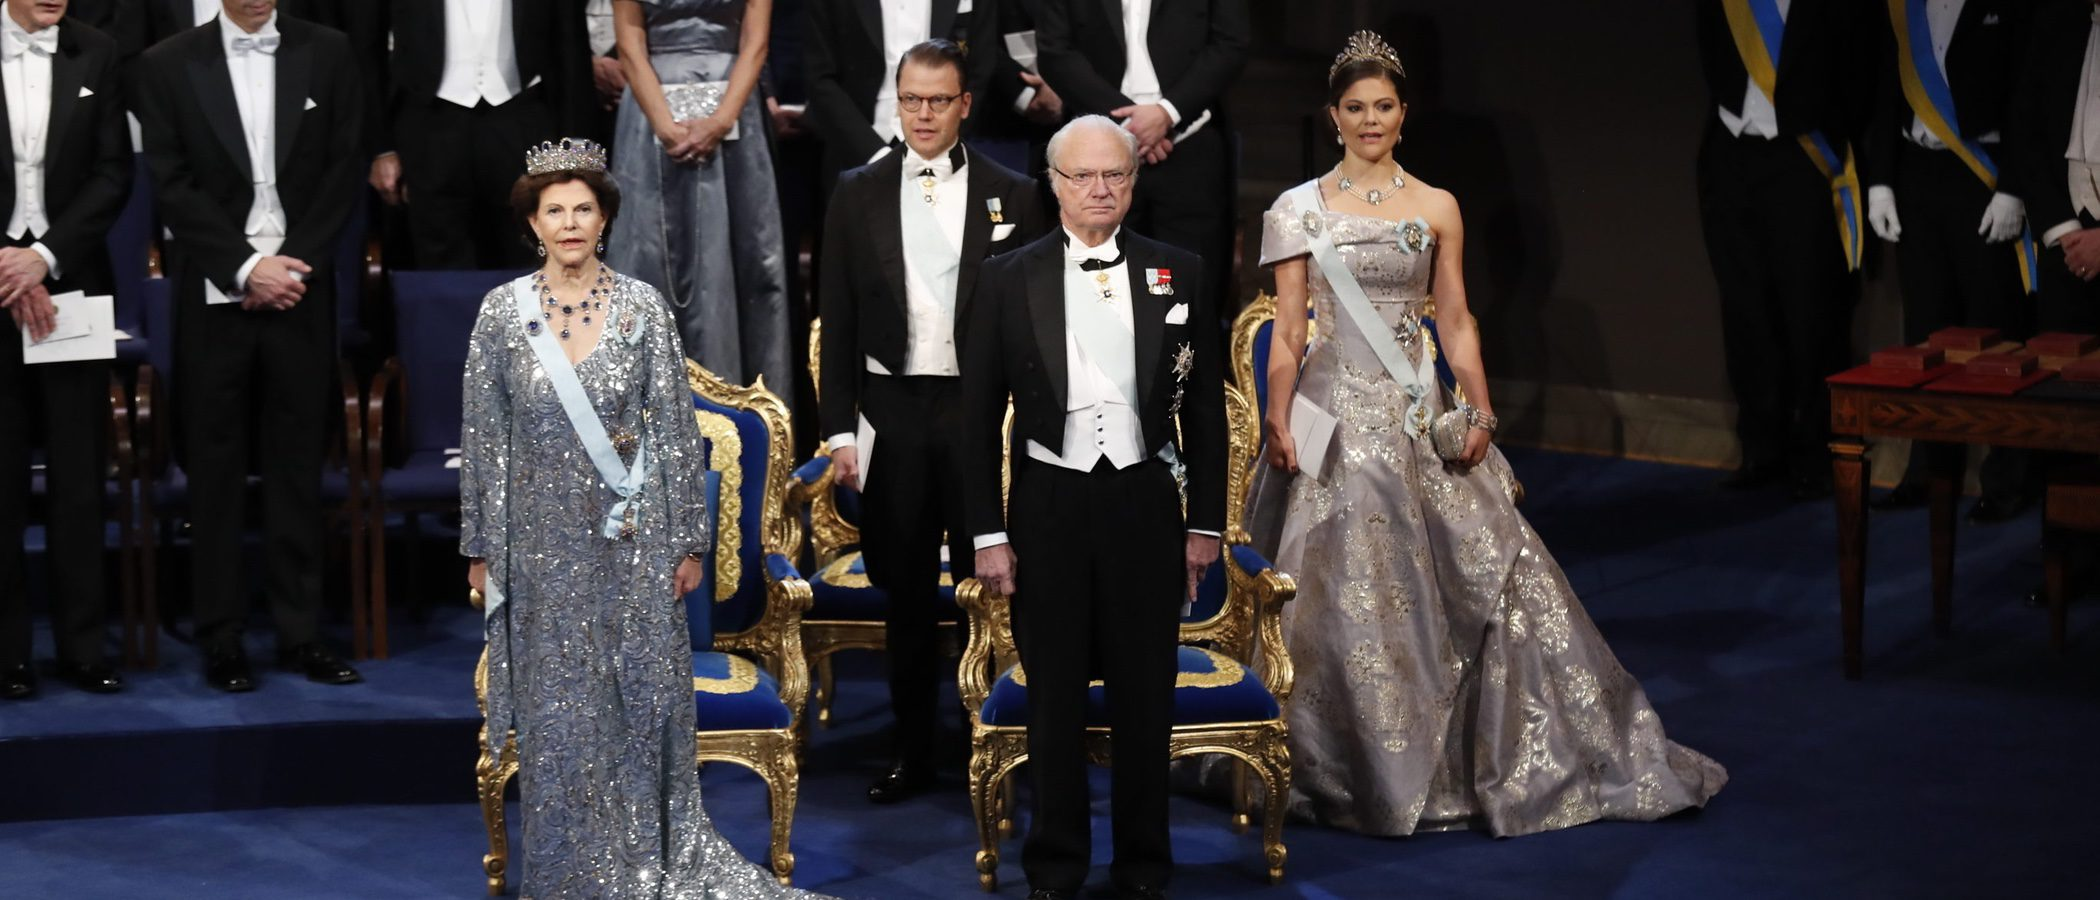 Victoria de Suecia apuesta por el low cost con material reciclado para los Premios Nobel 2016